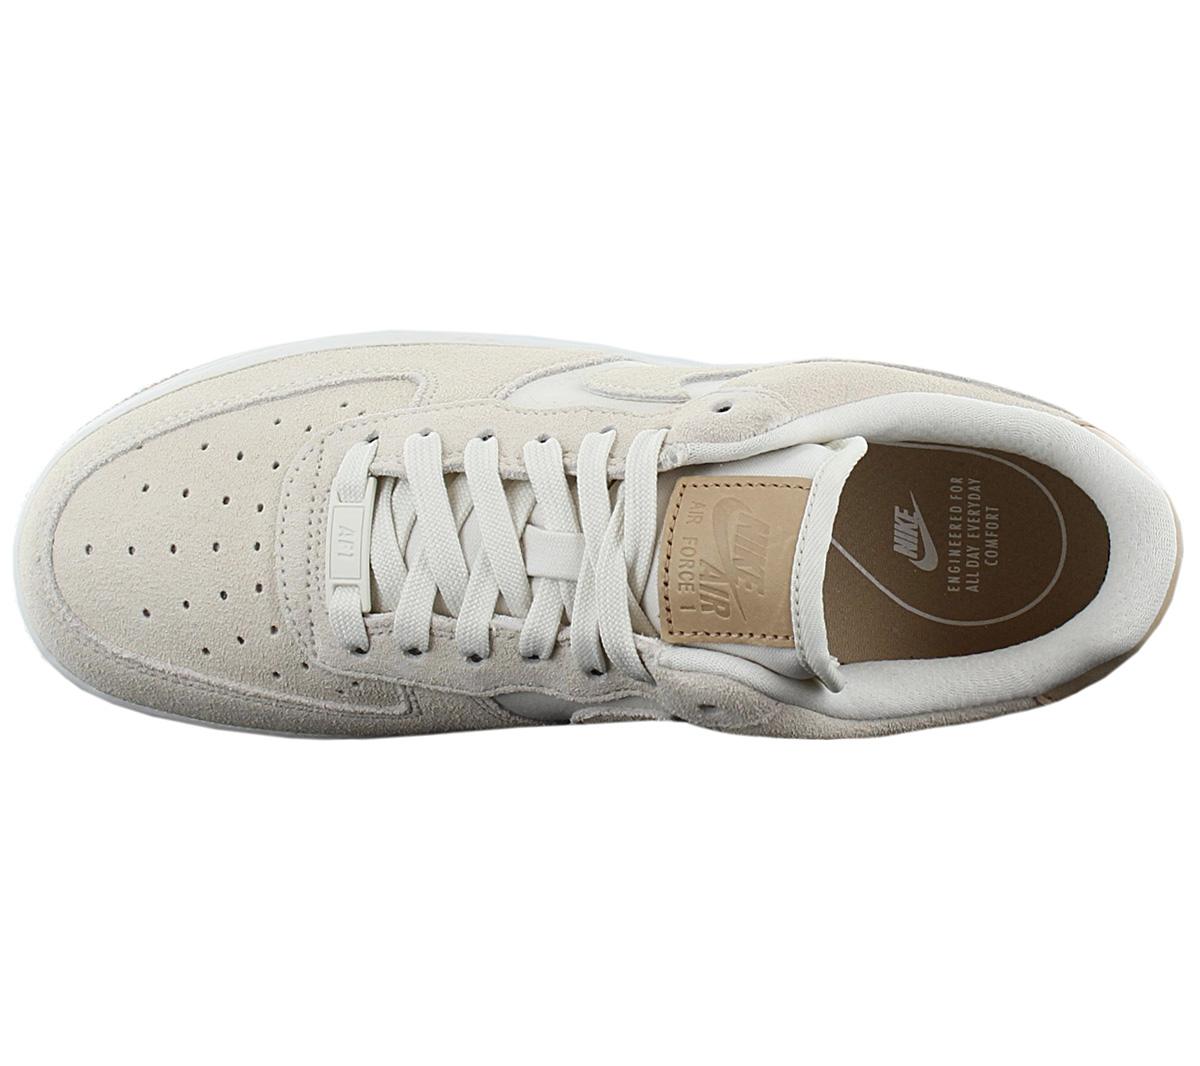 Details zu Nike W Air Force 1 07 Premium Damen Sneaker 896185 102 Schuhe Sportschuhe NEU